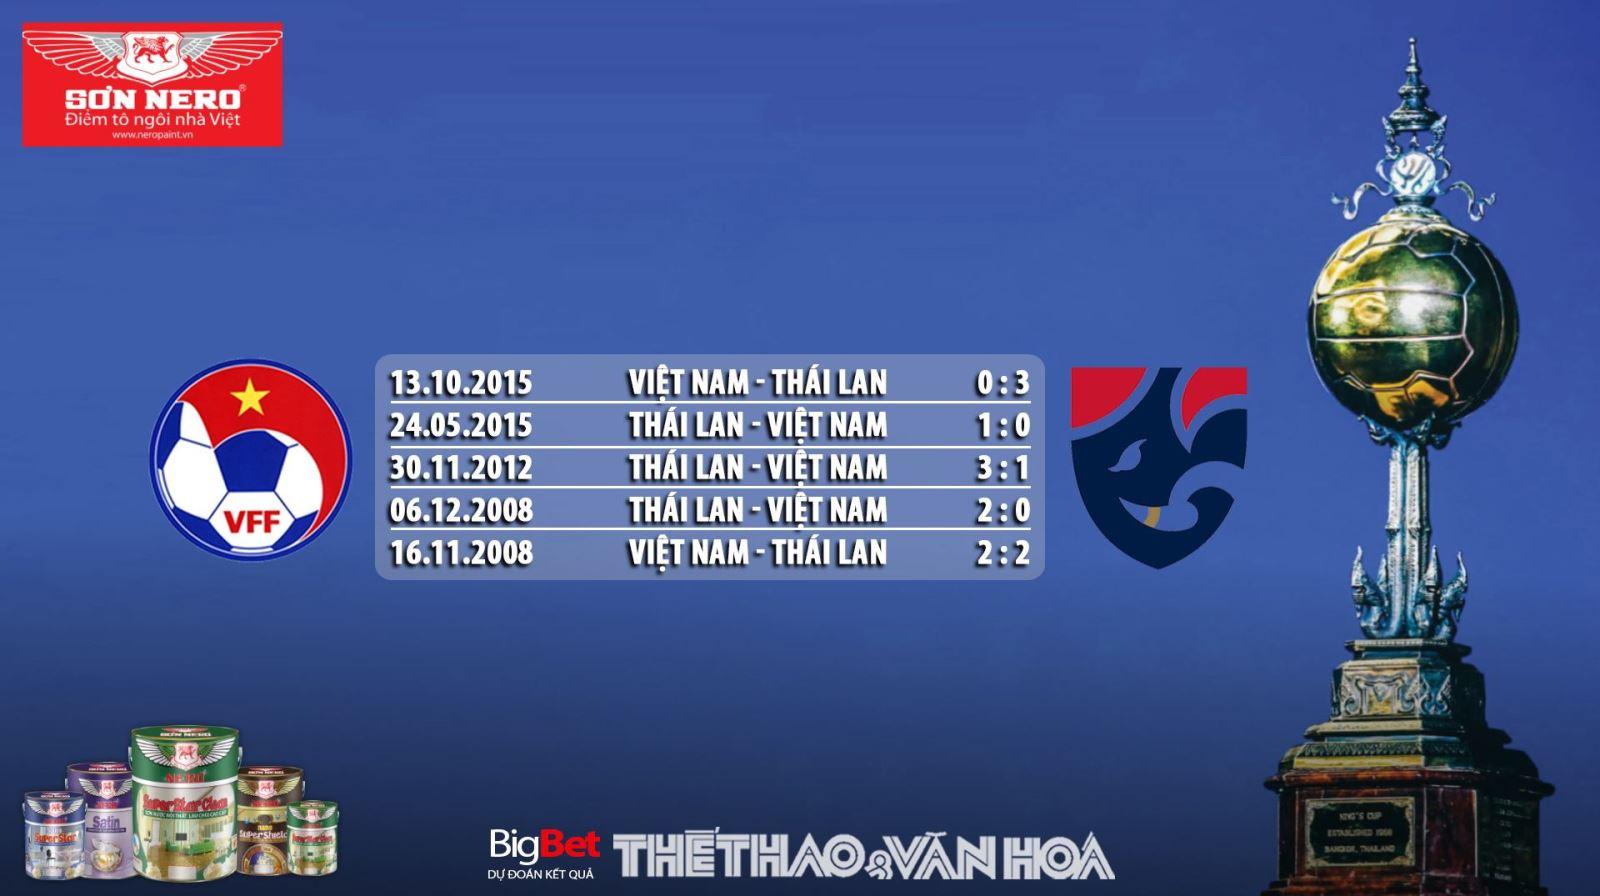 soi kèo việt nam vs thái lan, nhận định việt nam vs thái lan, lịch thi đấu King Cup, lich thi dau King Cup, King's Cup, truc tiep bong da, trực tiếp bóng đá, Việt Nam vs Thái Lan, Việt Nam đấu với Thái Lan, VTC1, VTV5, VTV6, VTC3